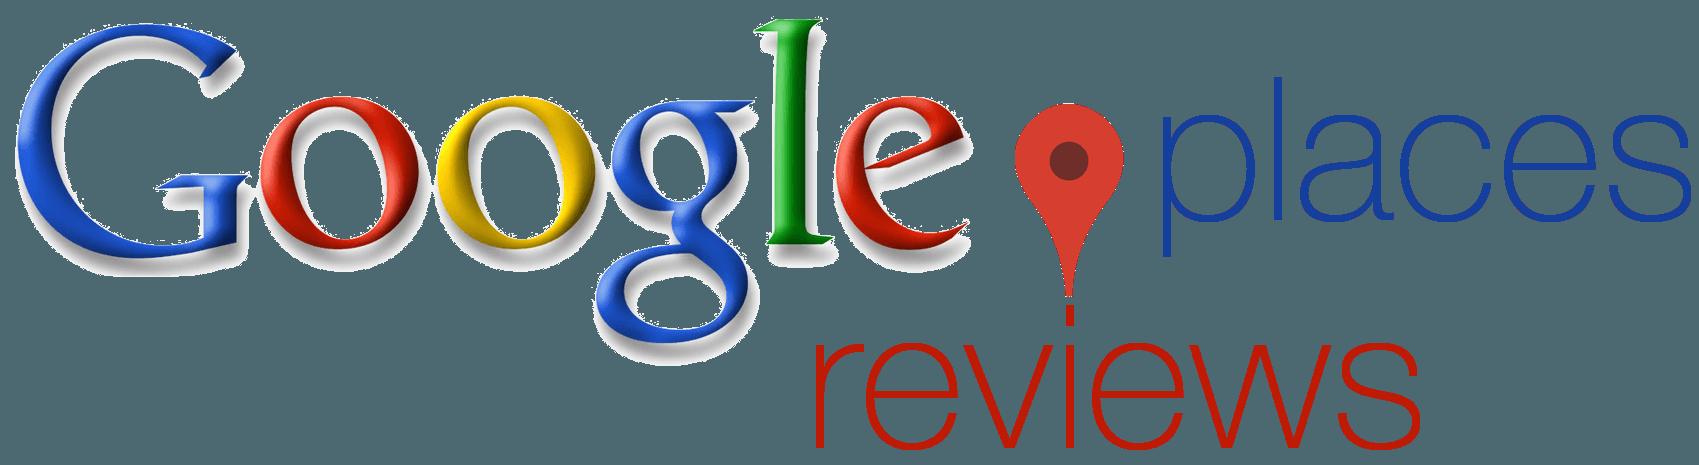 Garage door repair reviews